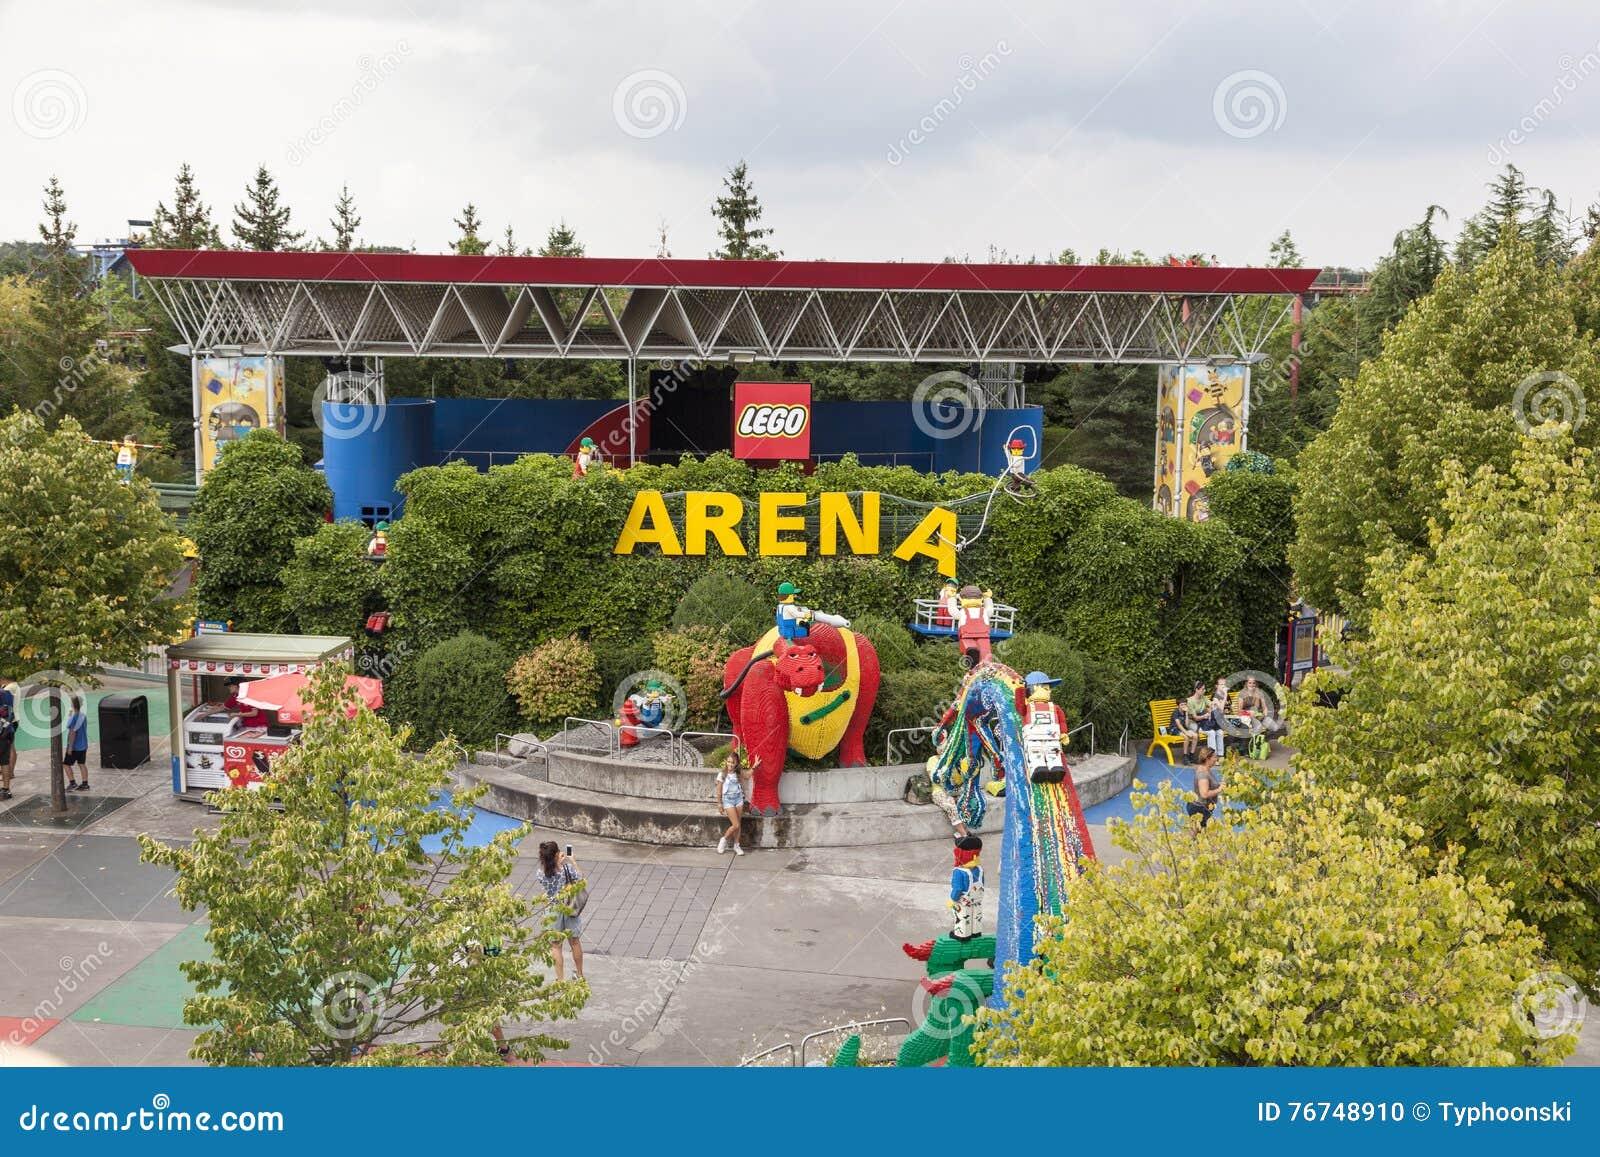 De Arena In Legoland Duitsland Redactionele Afbeelding ...